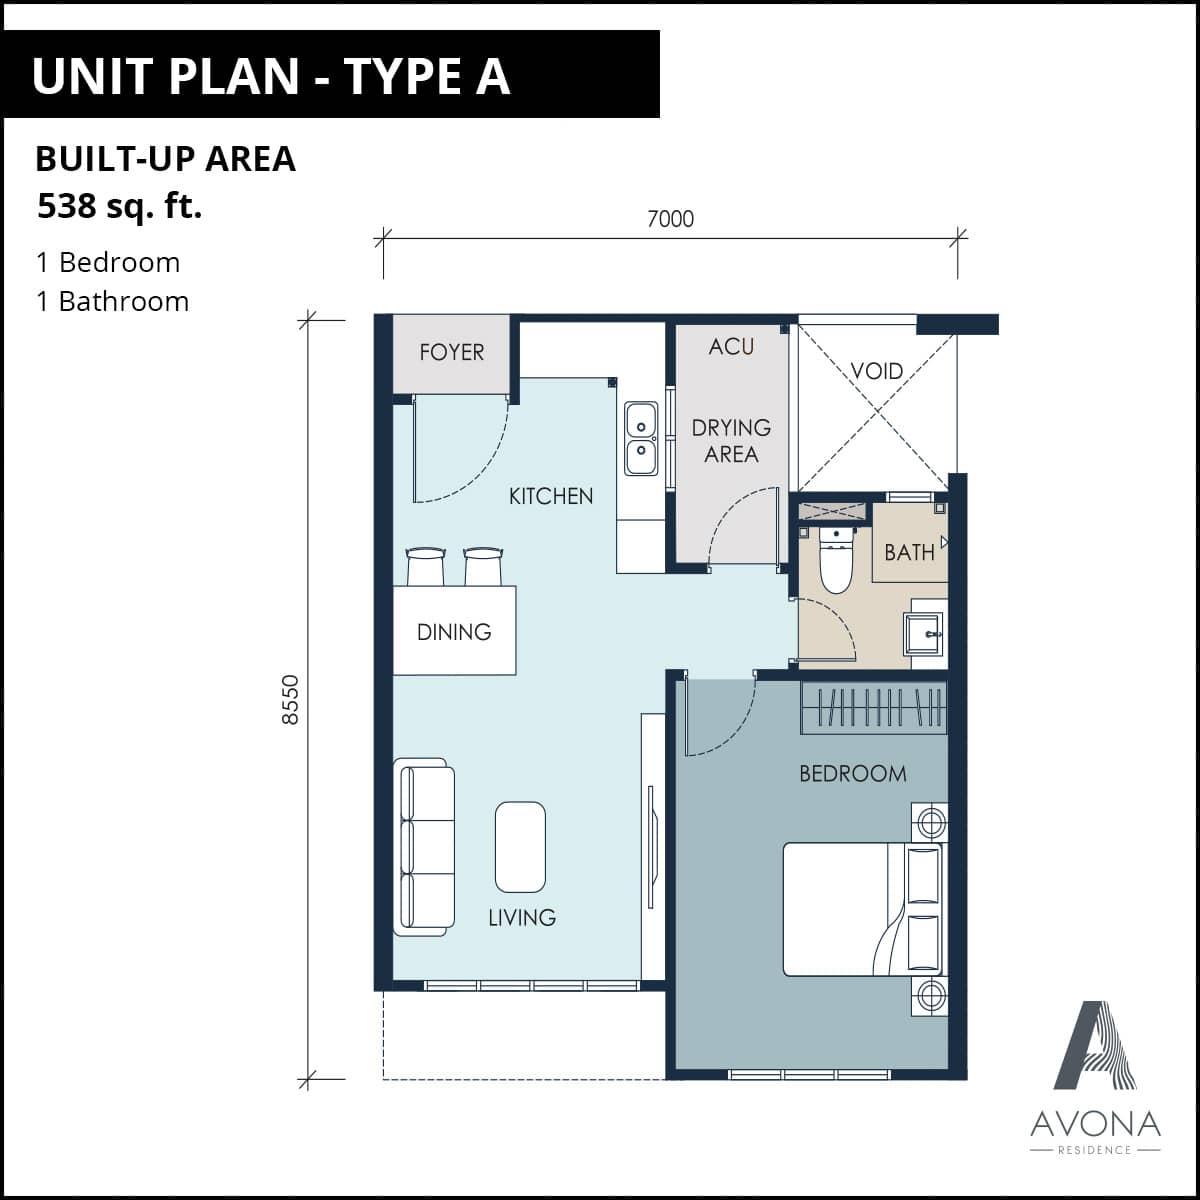 Type A Unit Plan